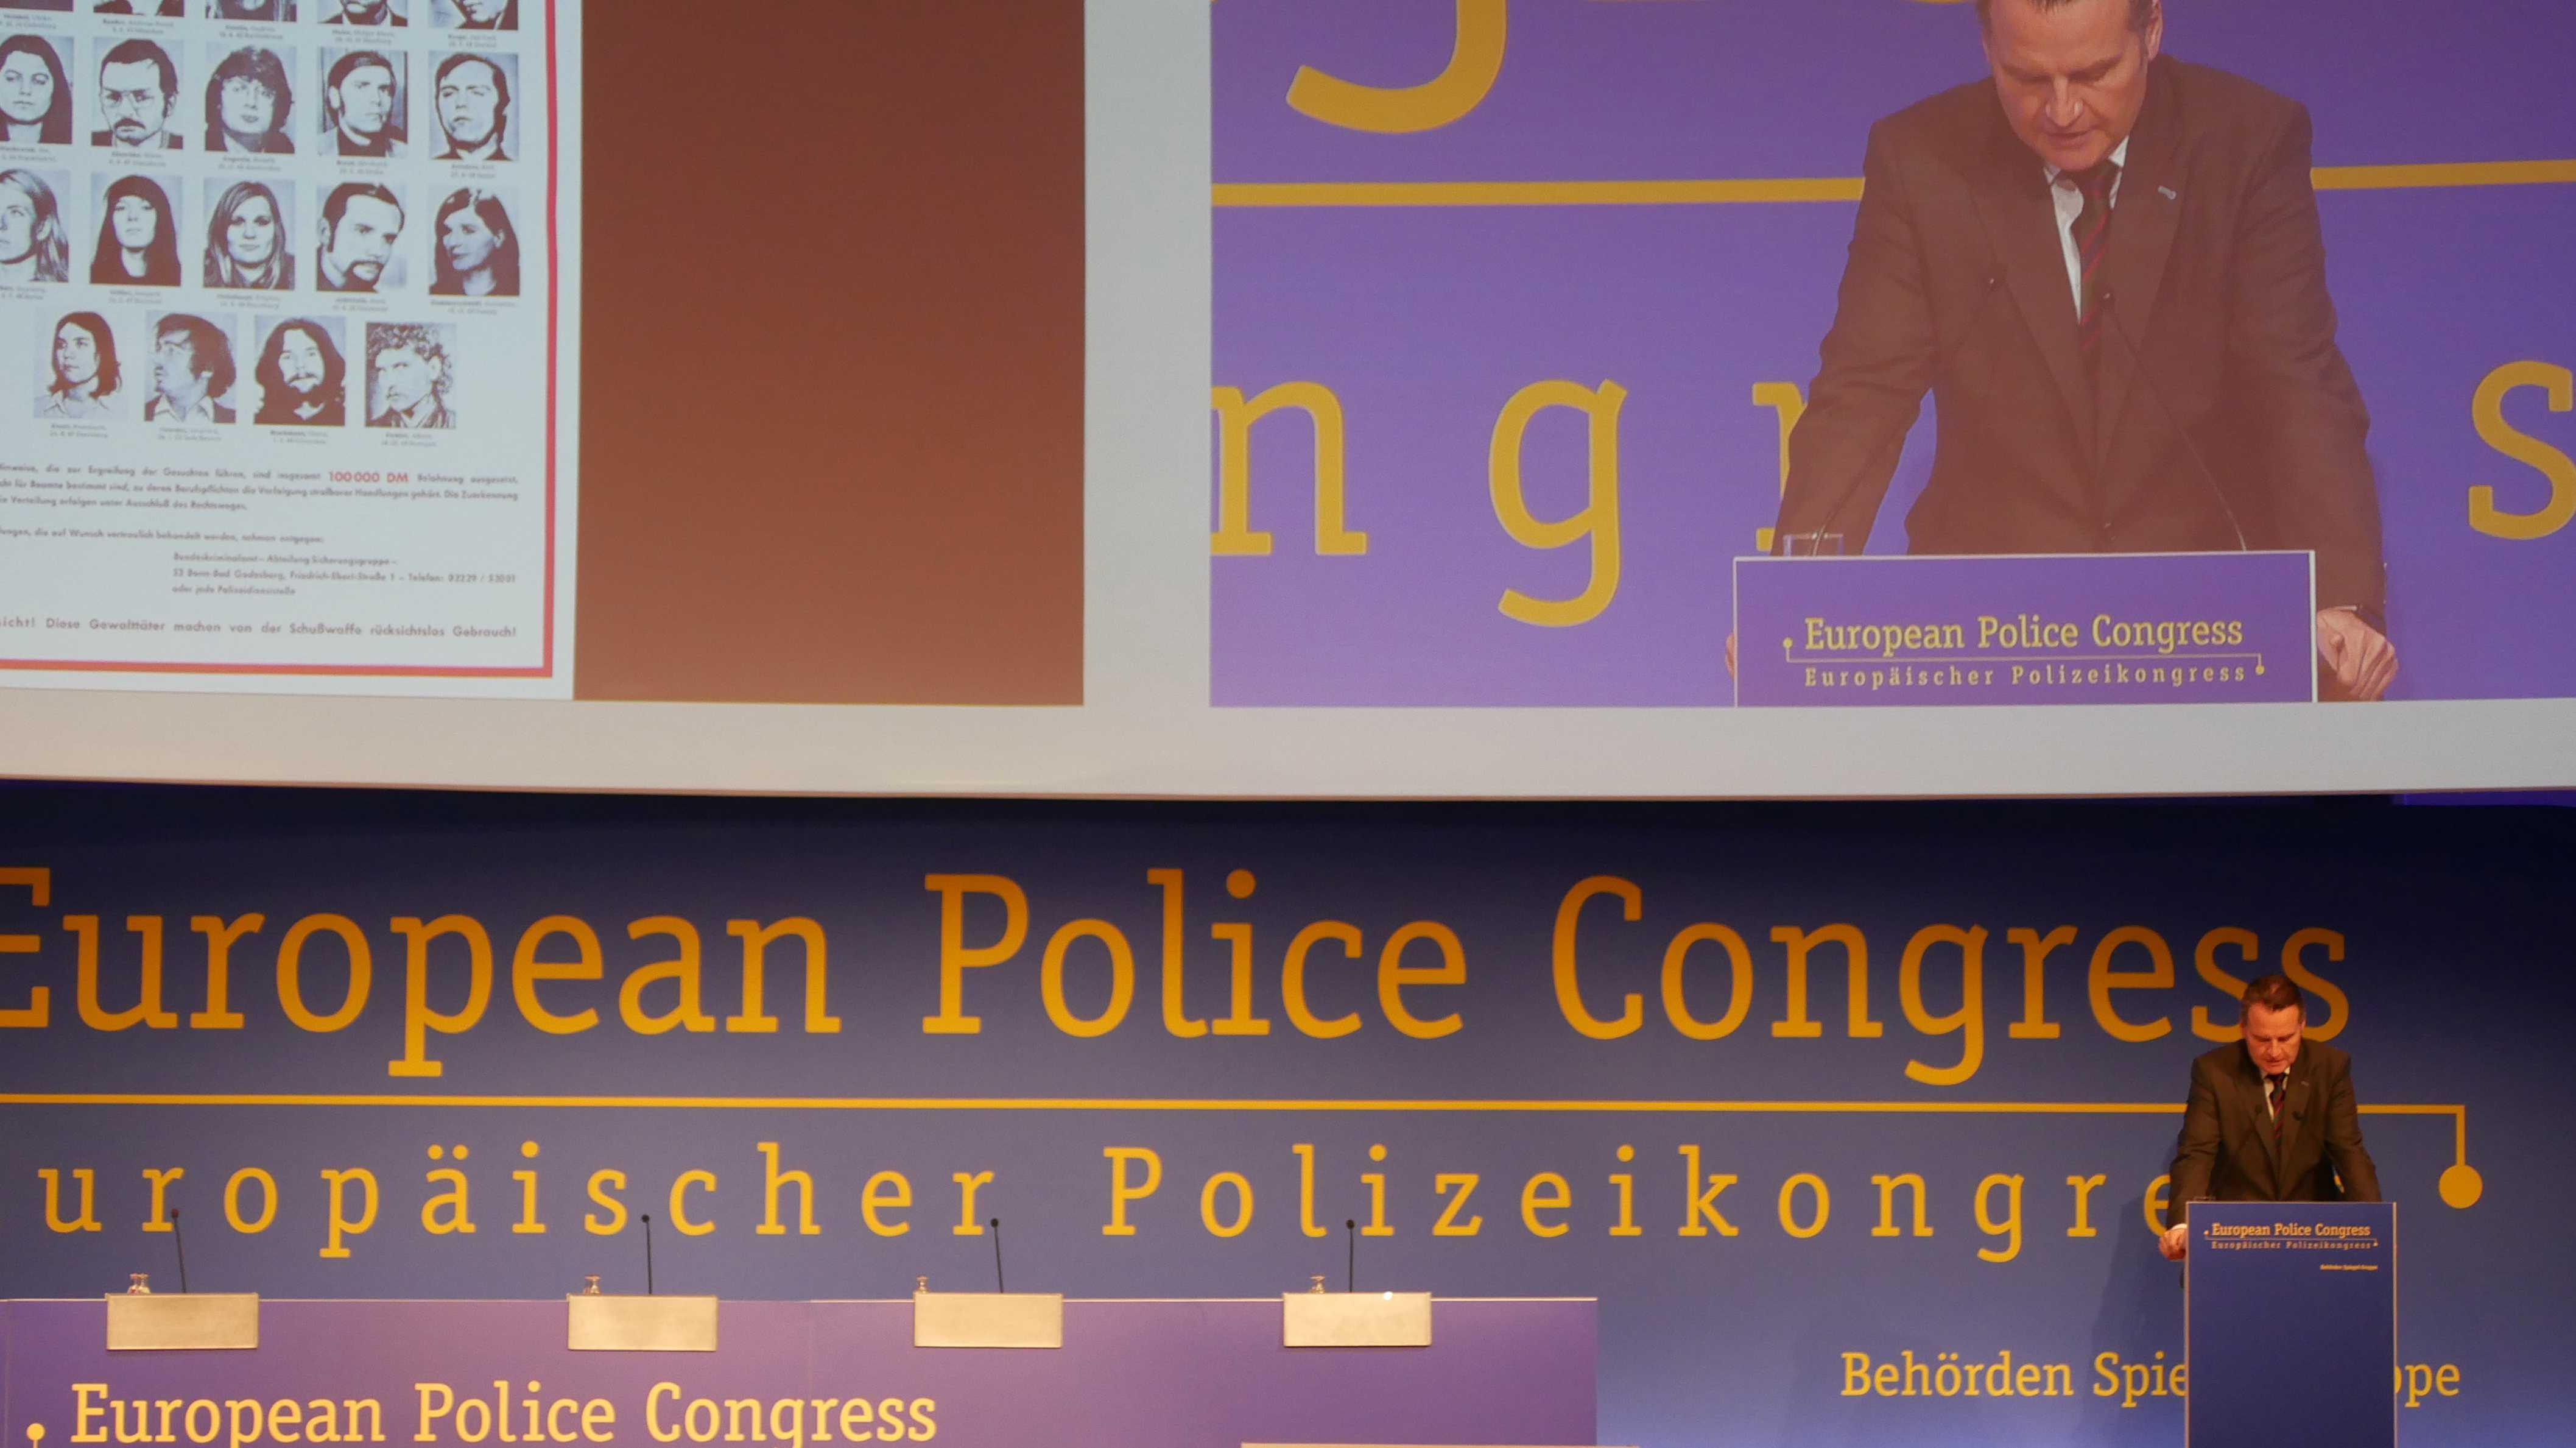 """Europäischer Polizeikongress: Regierungskoalition baut """"Digitales Haus der Polizei"""""""